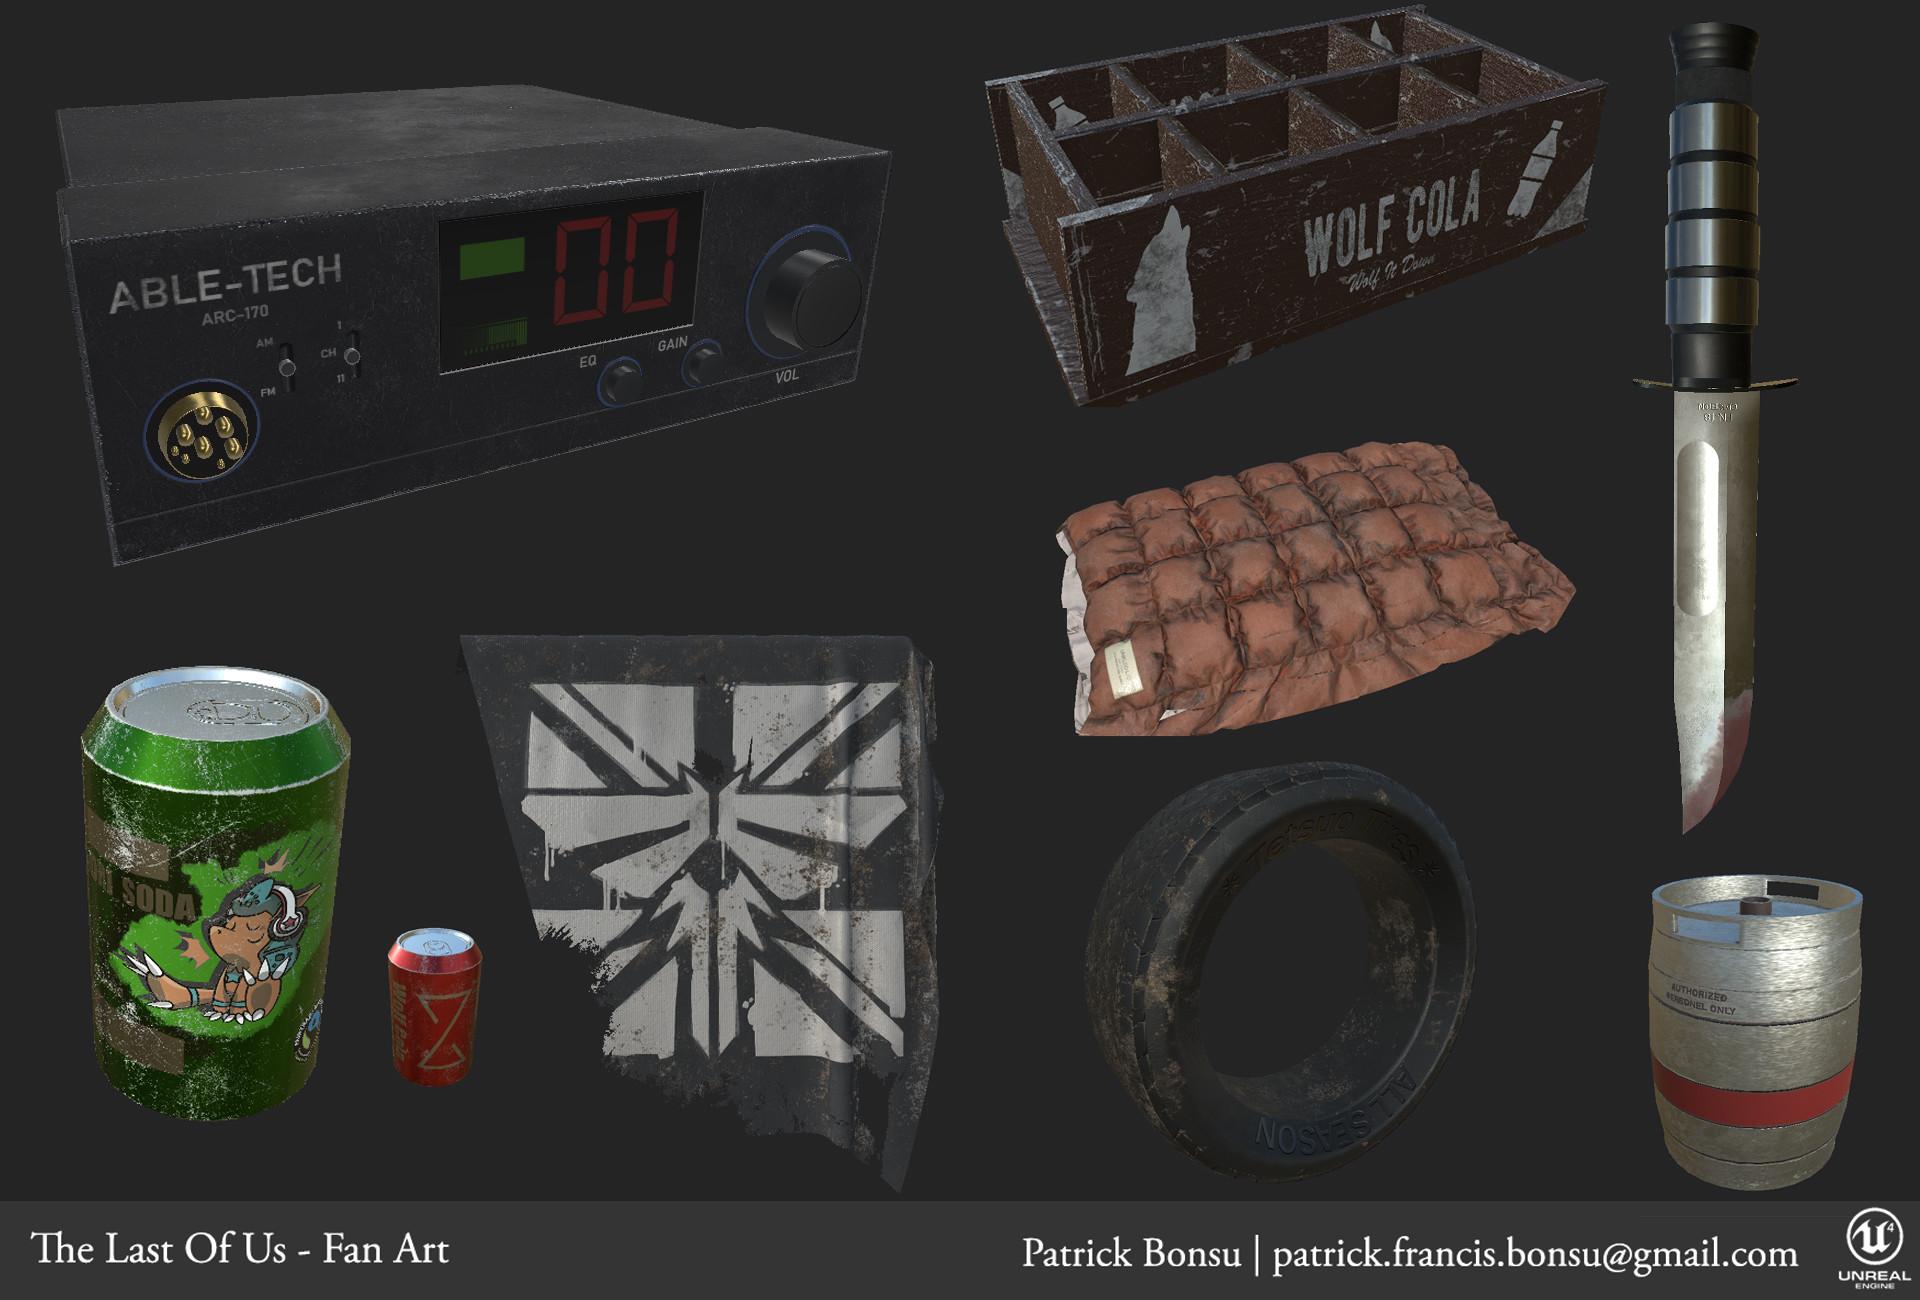 ArtStation - Last of Us - Fan Art [WIP], Patrick Bonsu